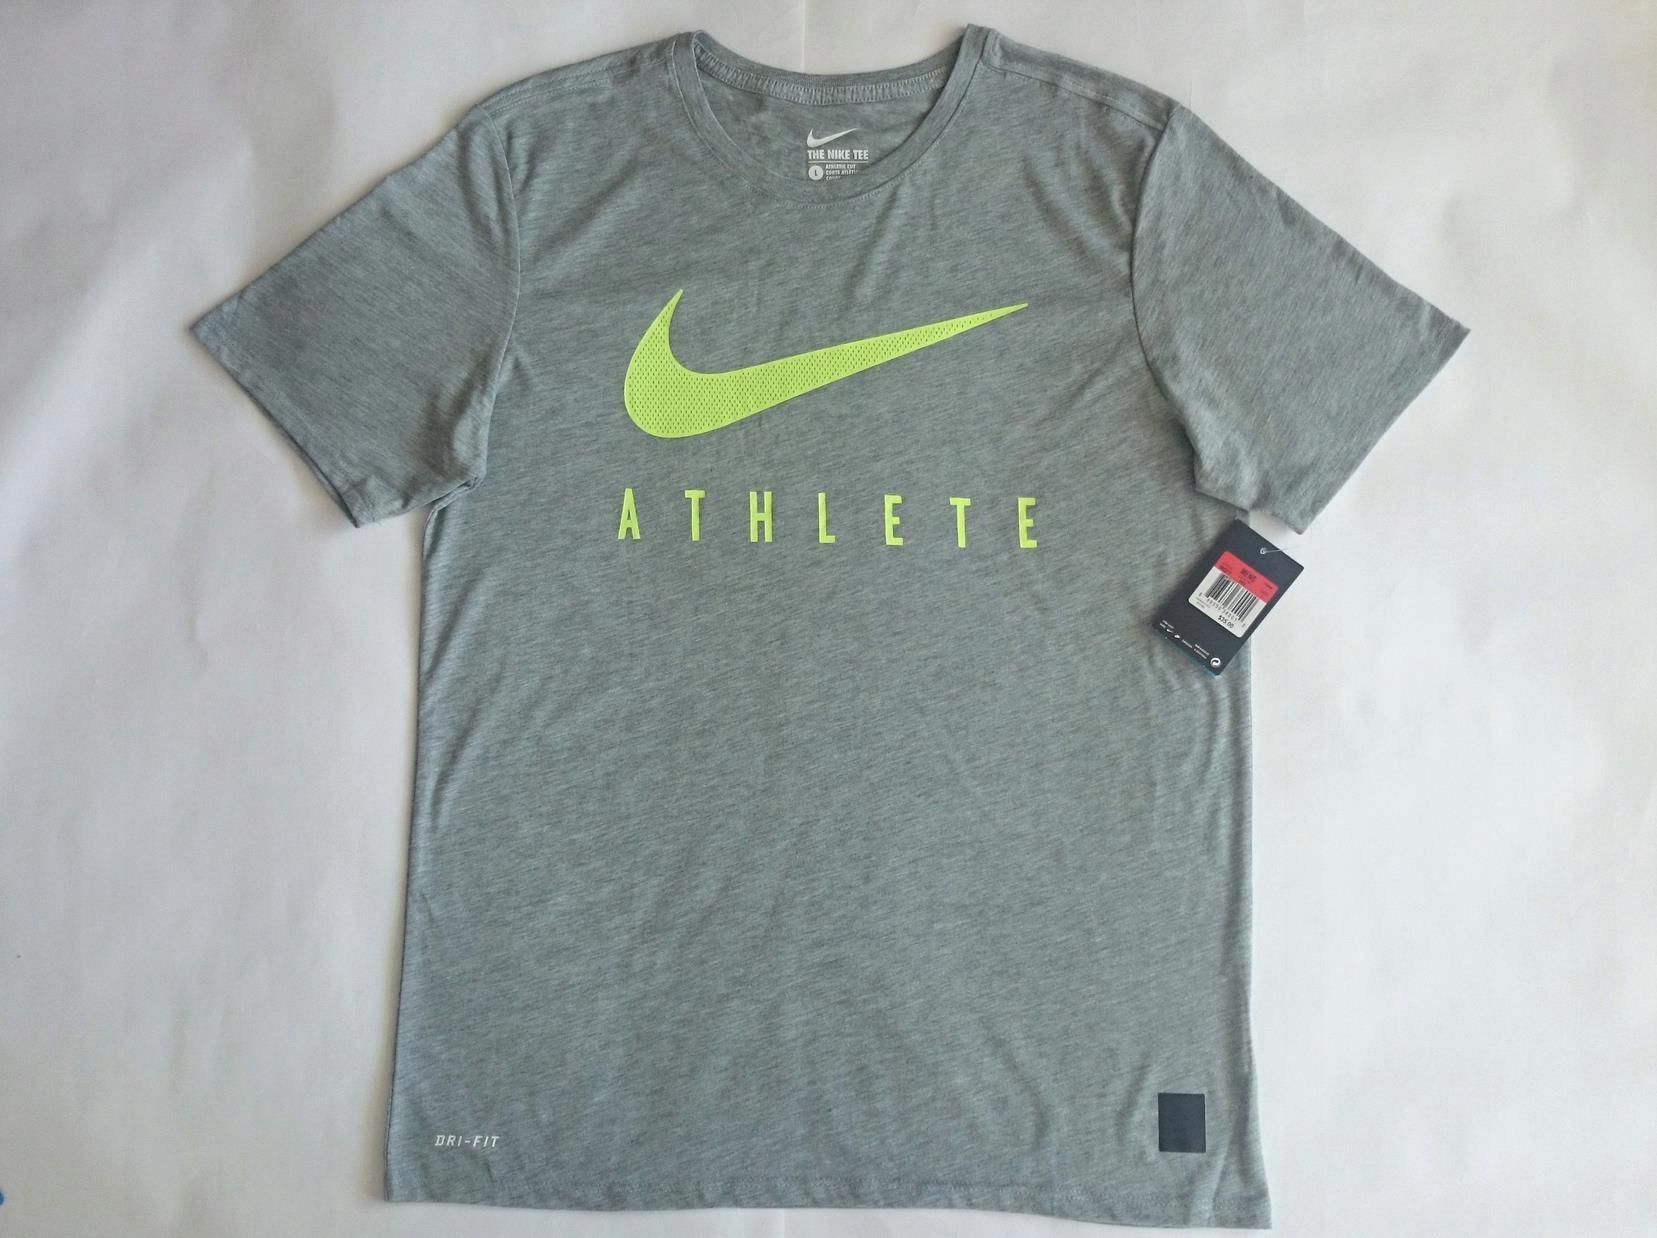 320539b64 NIKE SWOOSH T-Shirt Athletic Cut Tee DRI FIT L USA 7492117694 - Allegro.pl